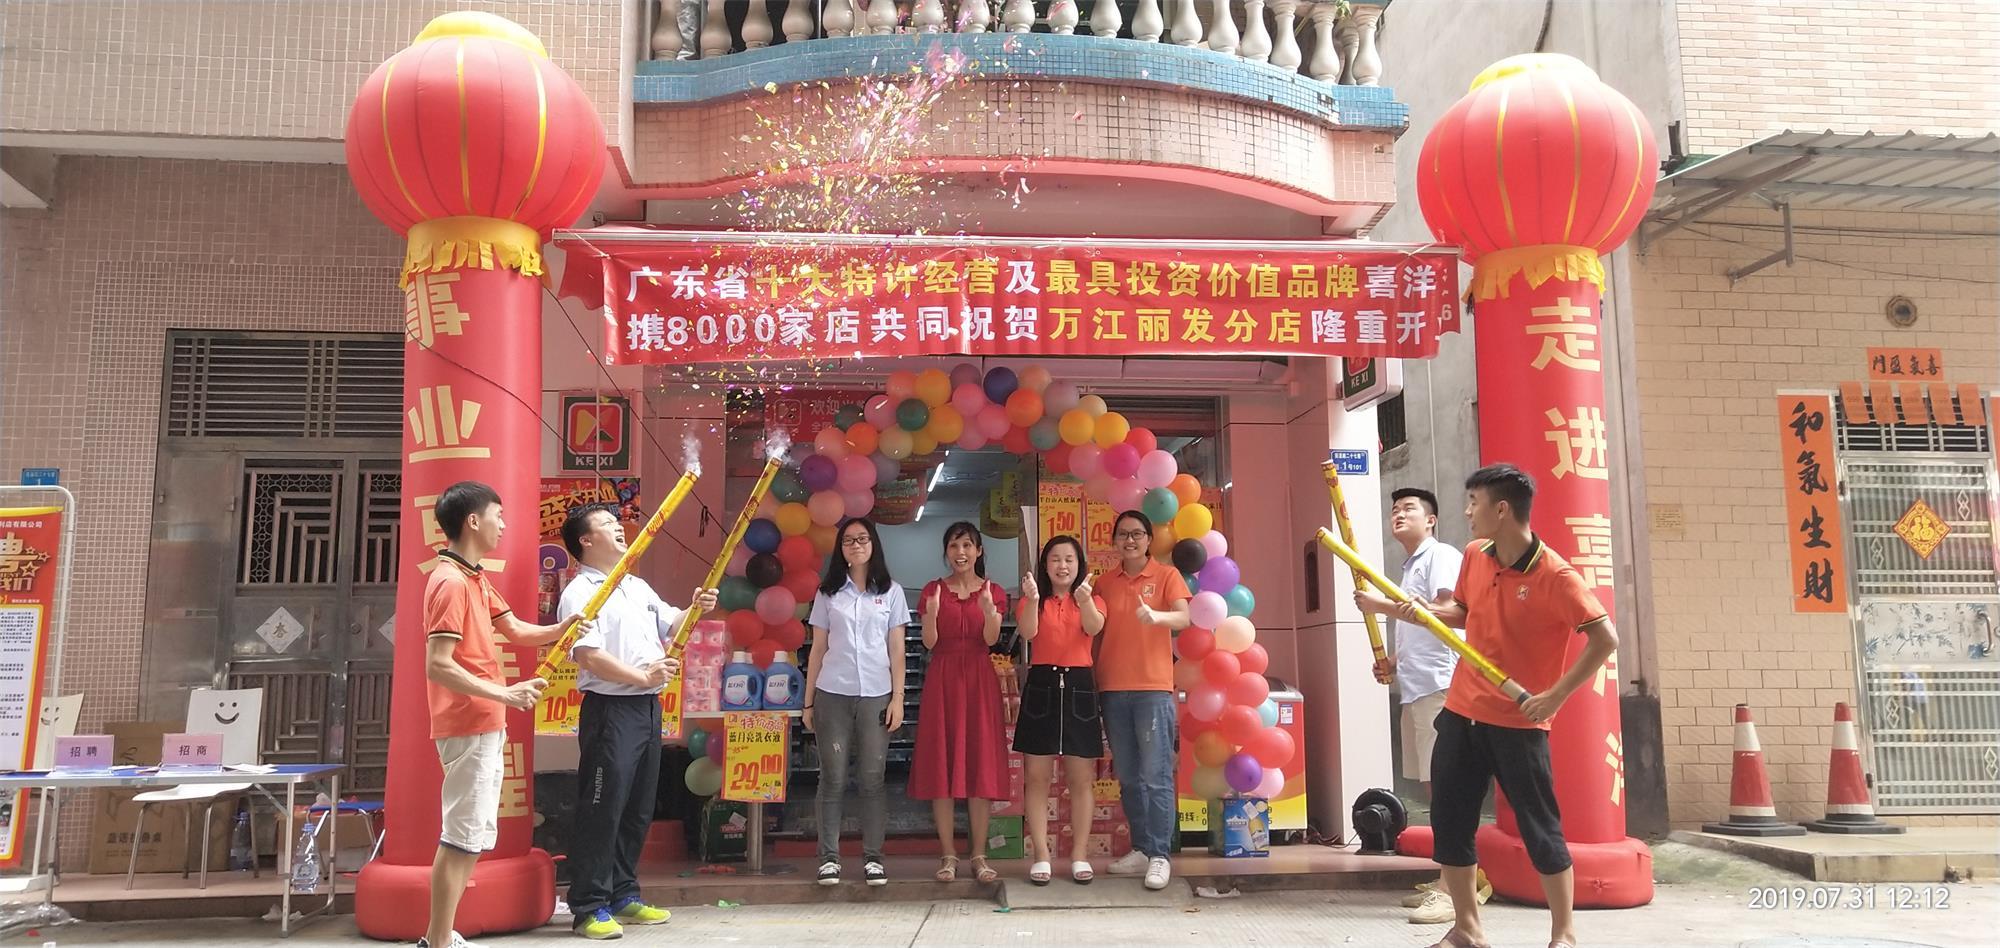 喜洋洋全体员工热烈庆祝万江丽发分店7月31日隆重开业!